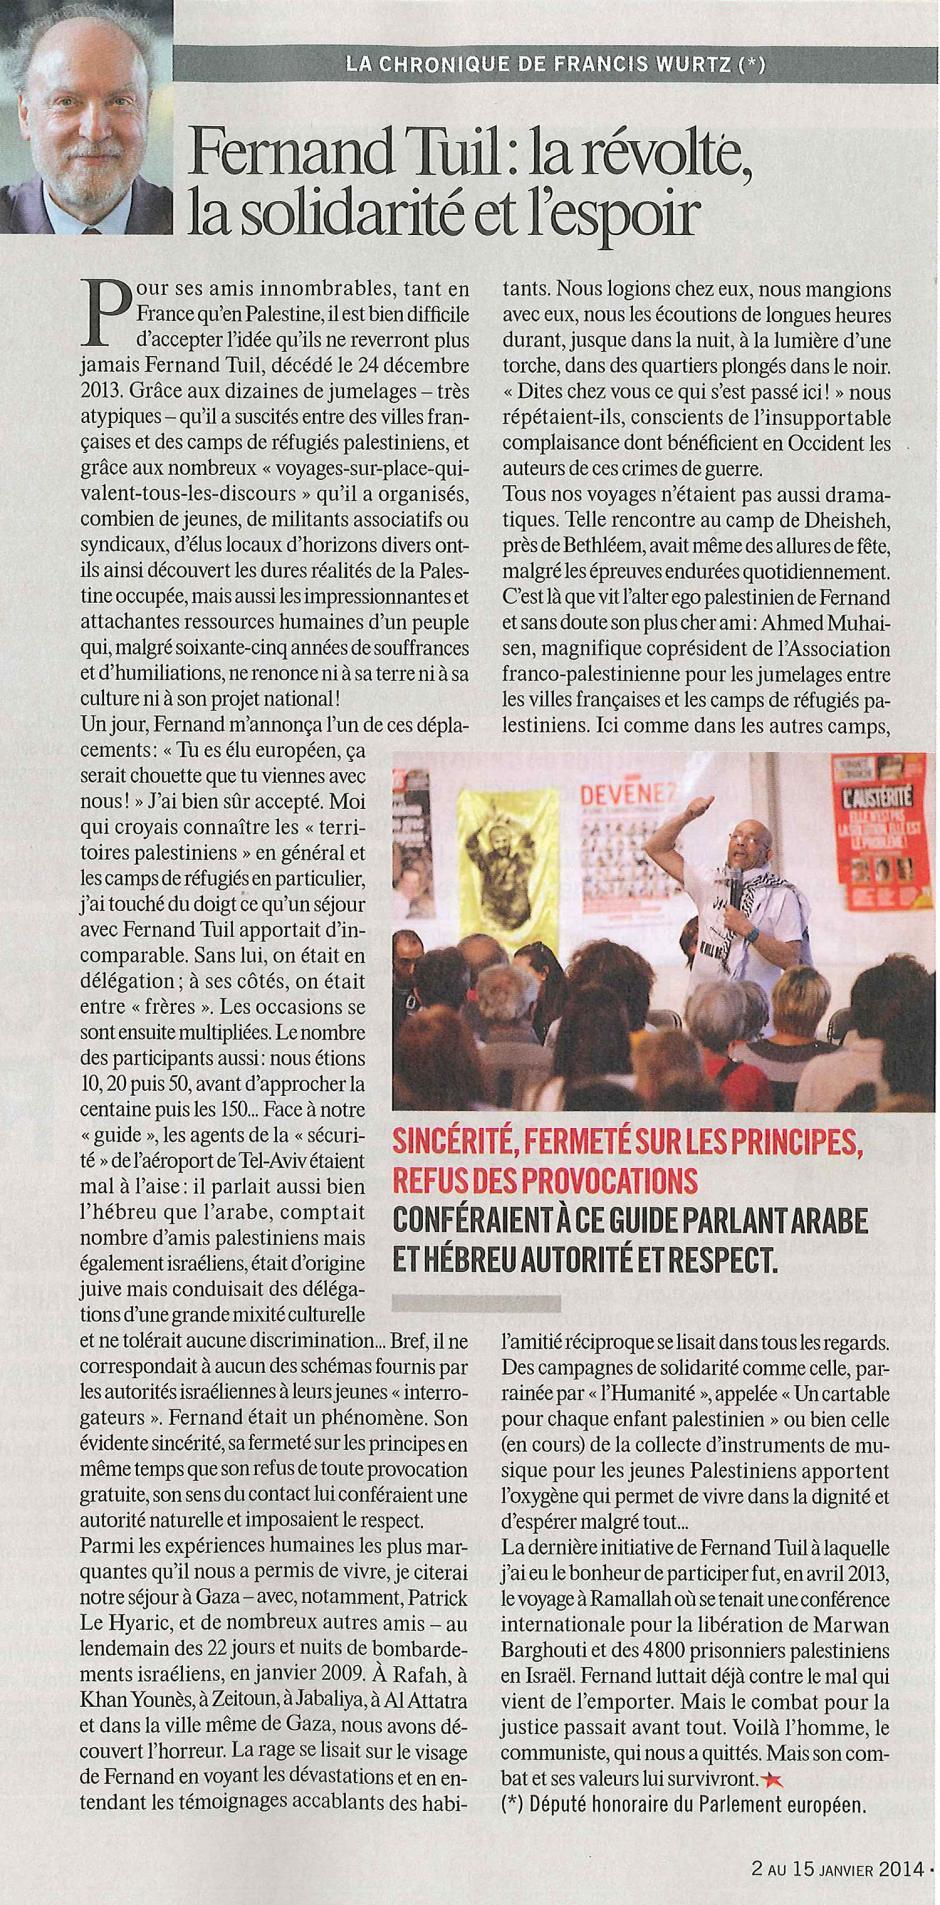 20140102-Huma Dimanche-Fernand Tuil : la révolte, la solidarité et l'espoir